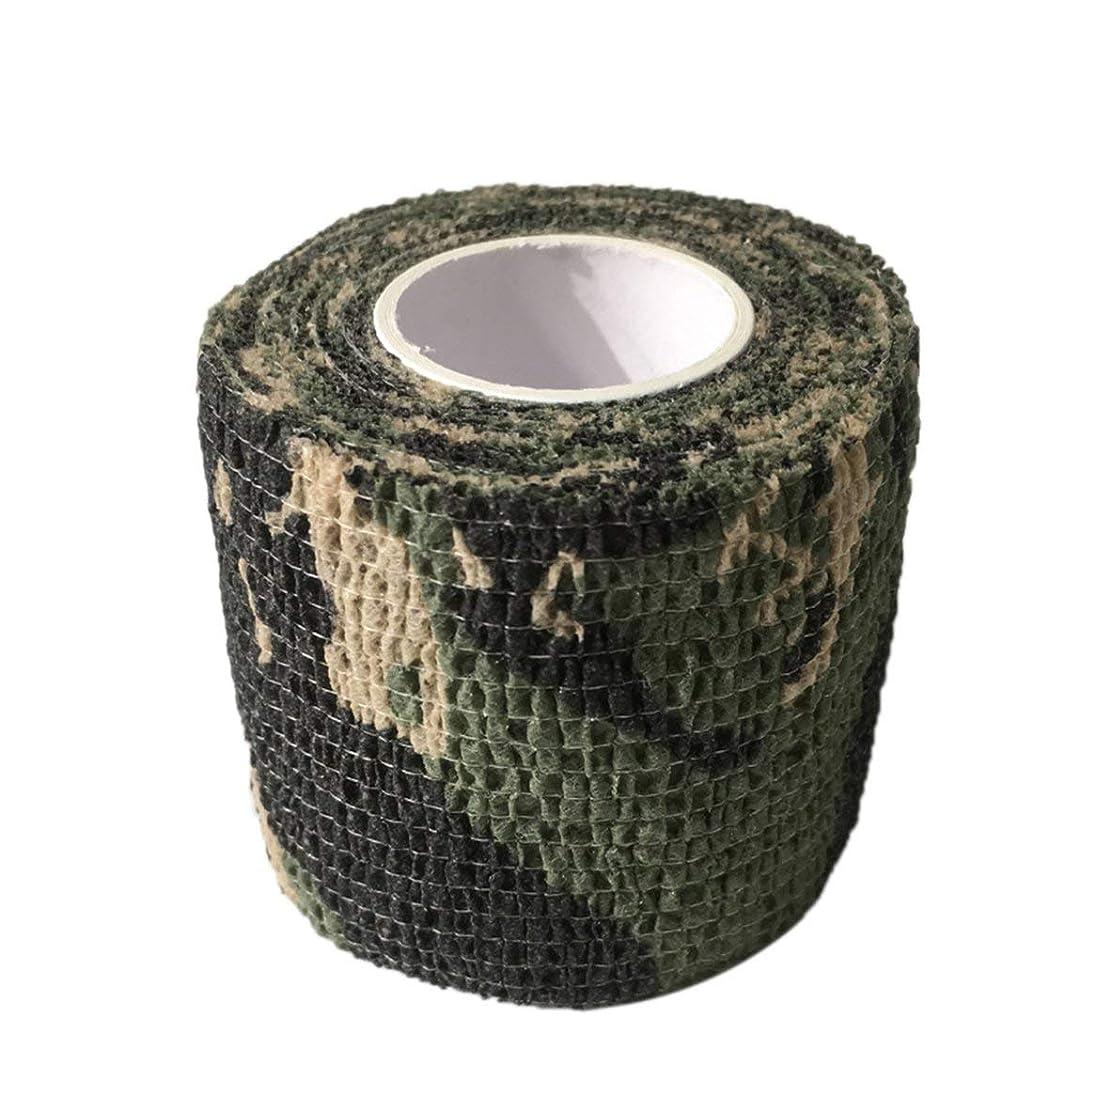 保持増幅器鋭くタトゥーマシンハンドルタトゥーアクセサリー(迷彩3)の使い捨てタトゥーグリップカバーラップ自己接着弾性包帯